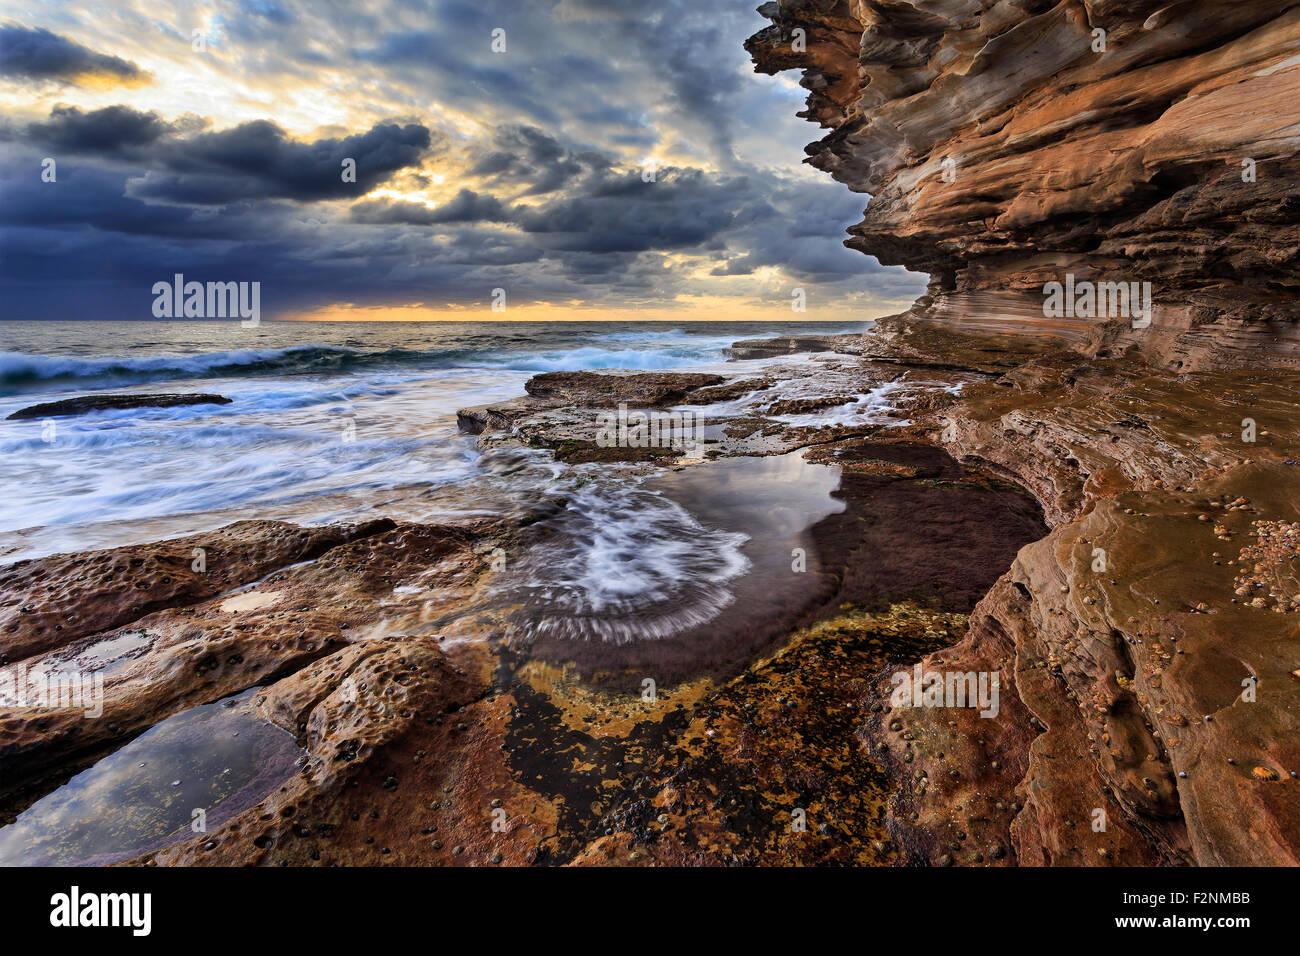 Des rochers de grès naturel formant une tour au bord de mer paysage ligne côtière à Sydney, Photo Stock